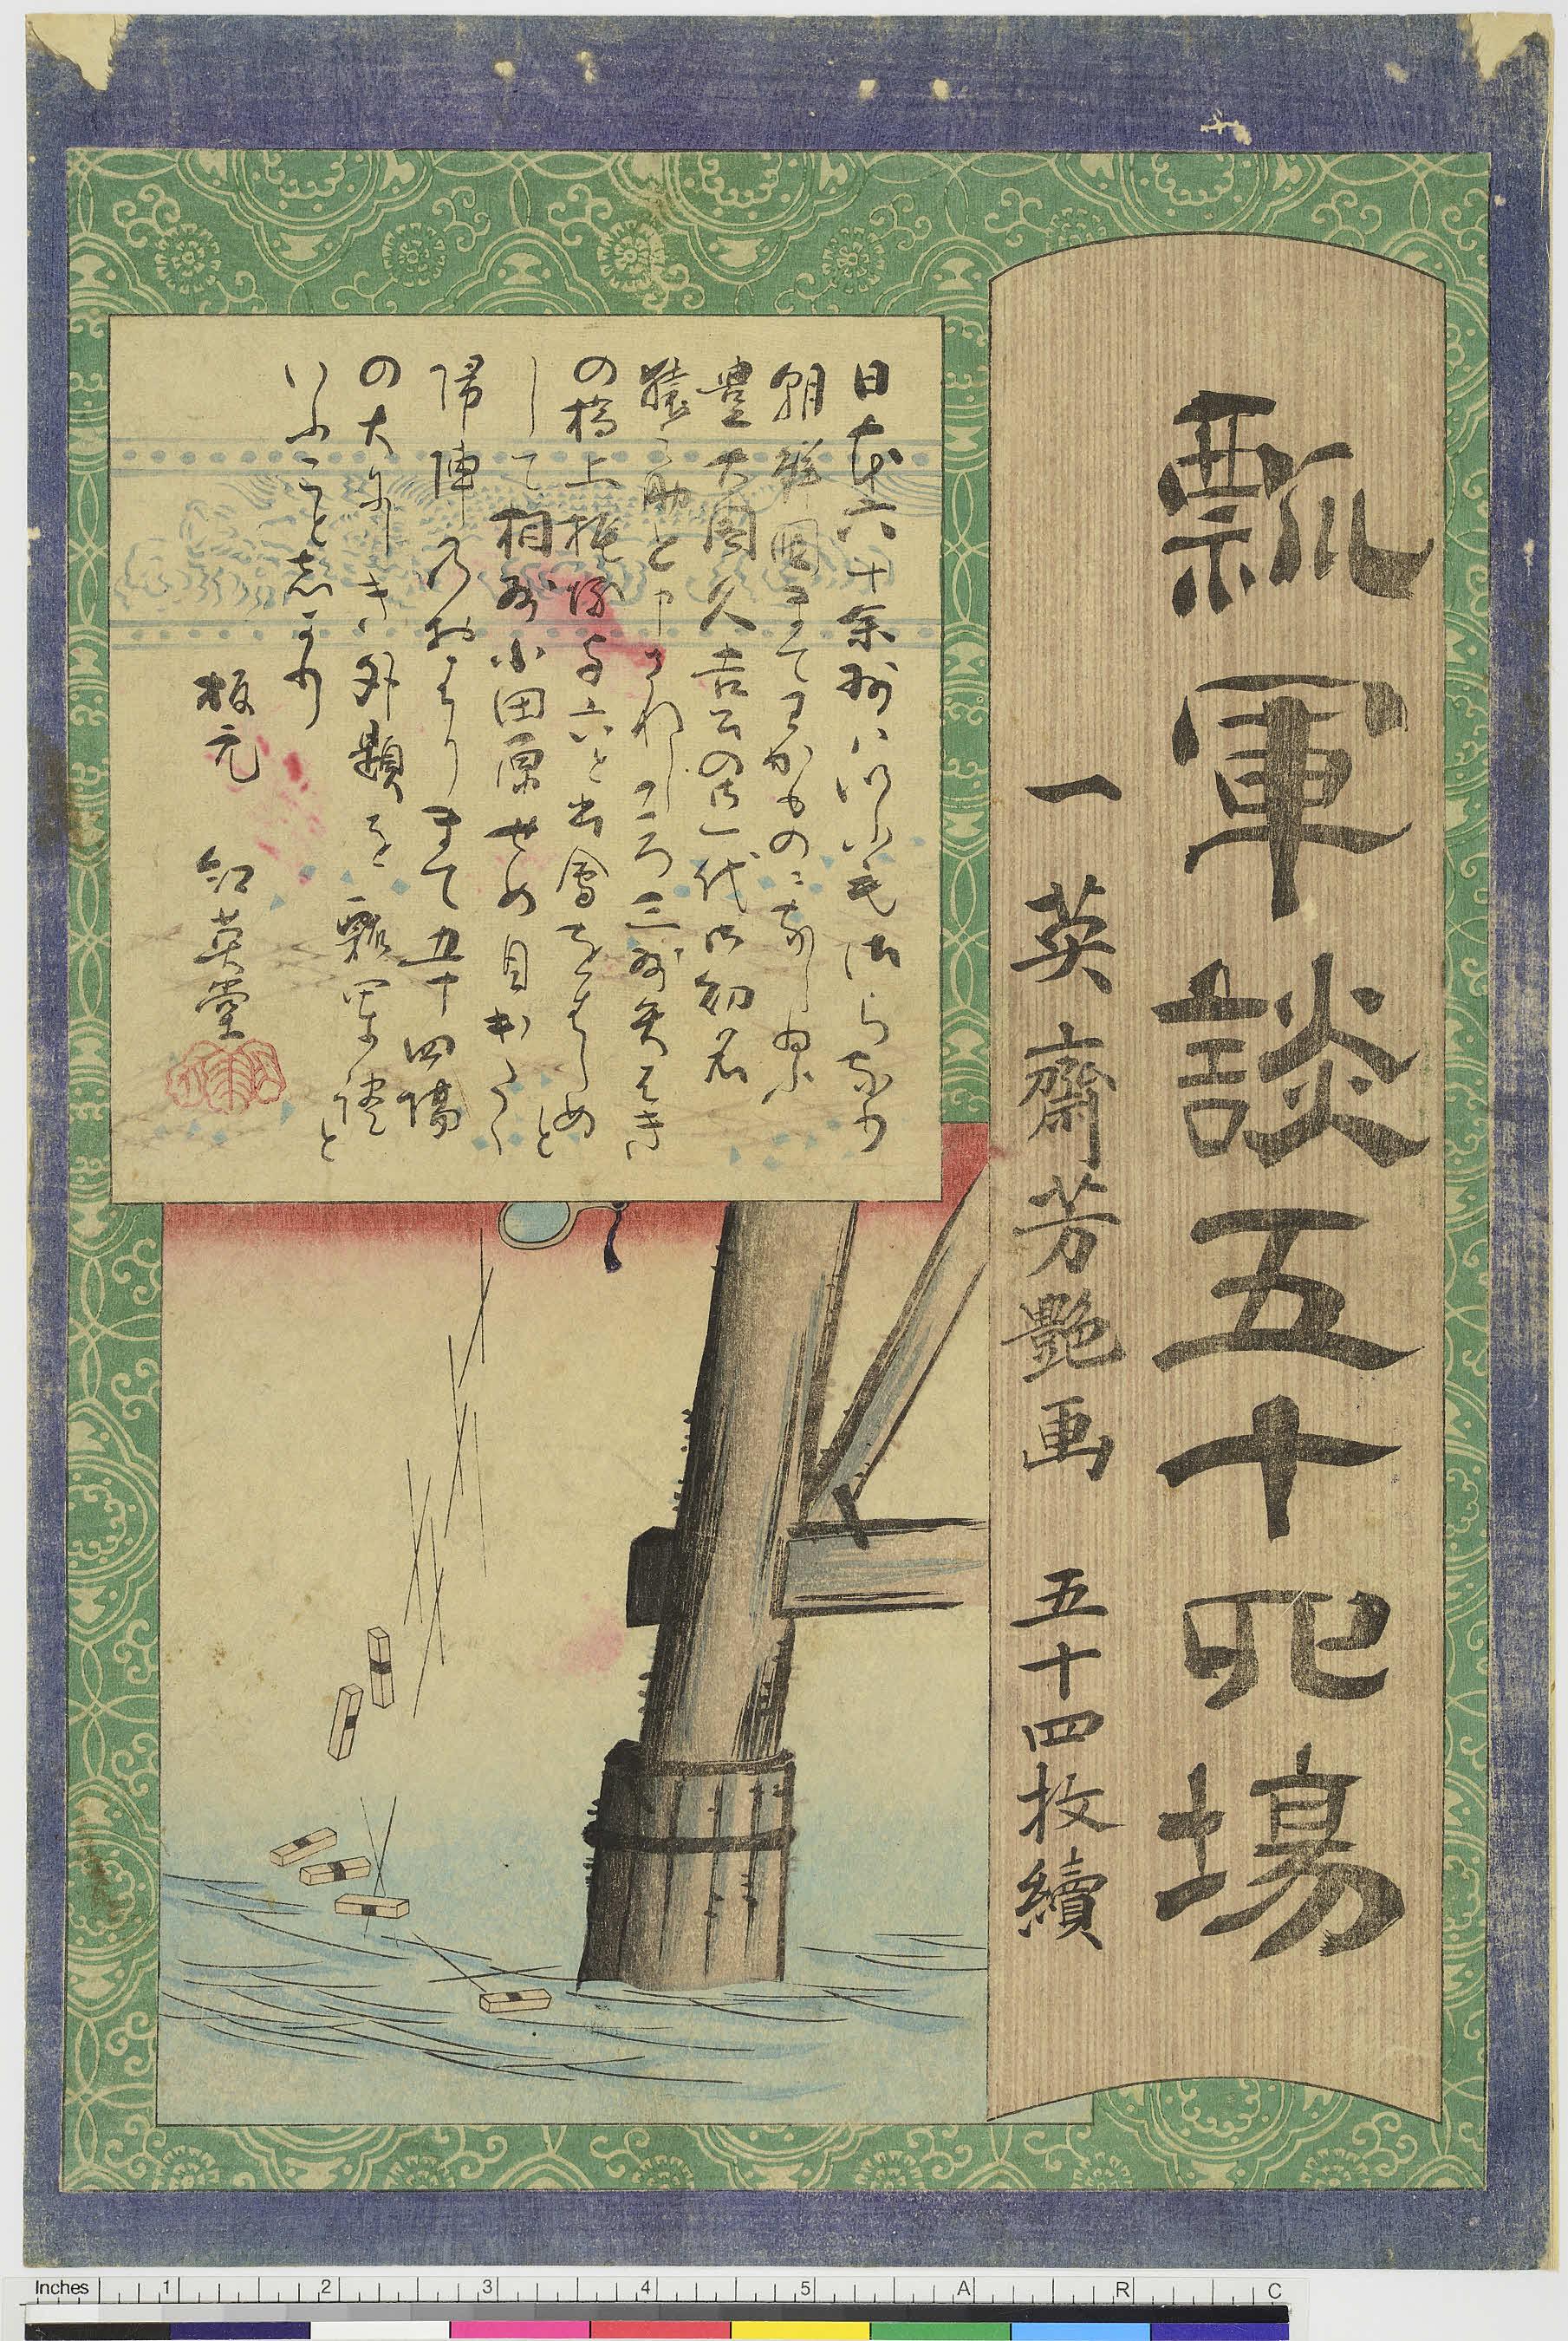 C1-1 「瓢軍談五十四場」(芳艶)